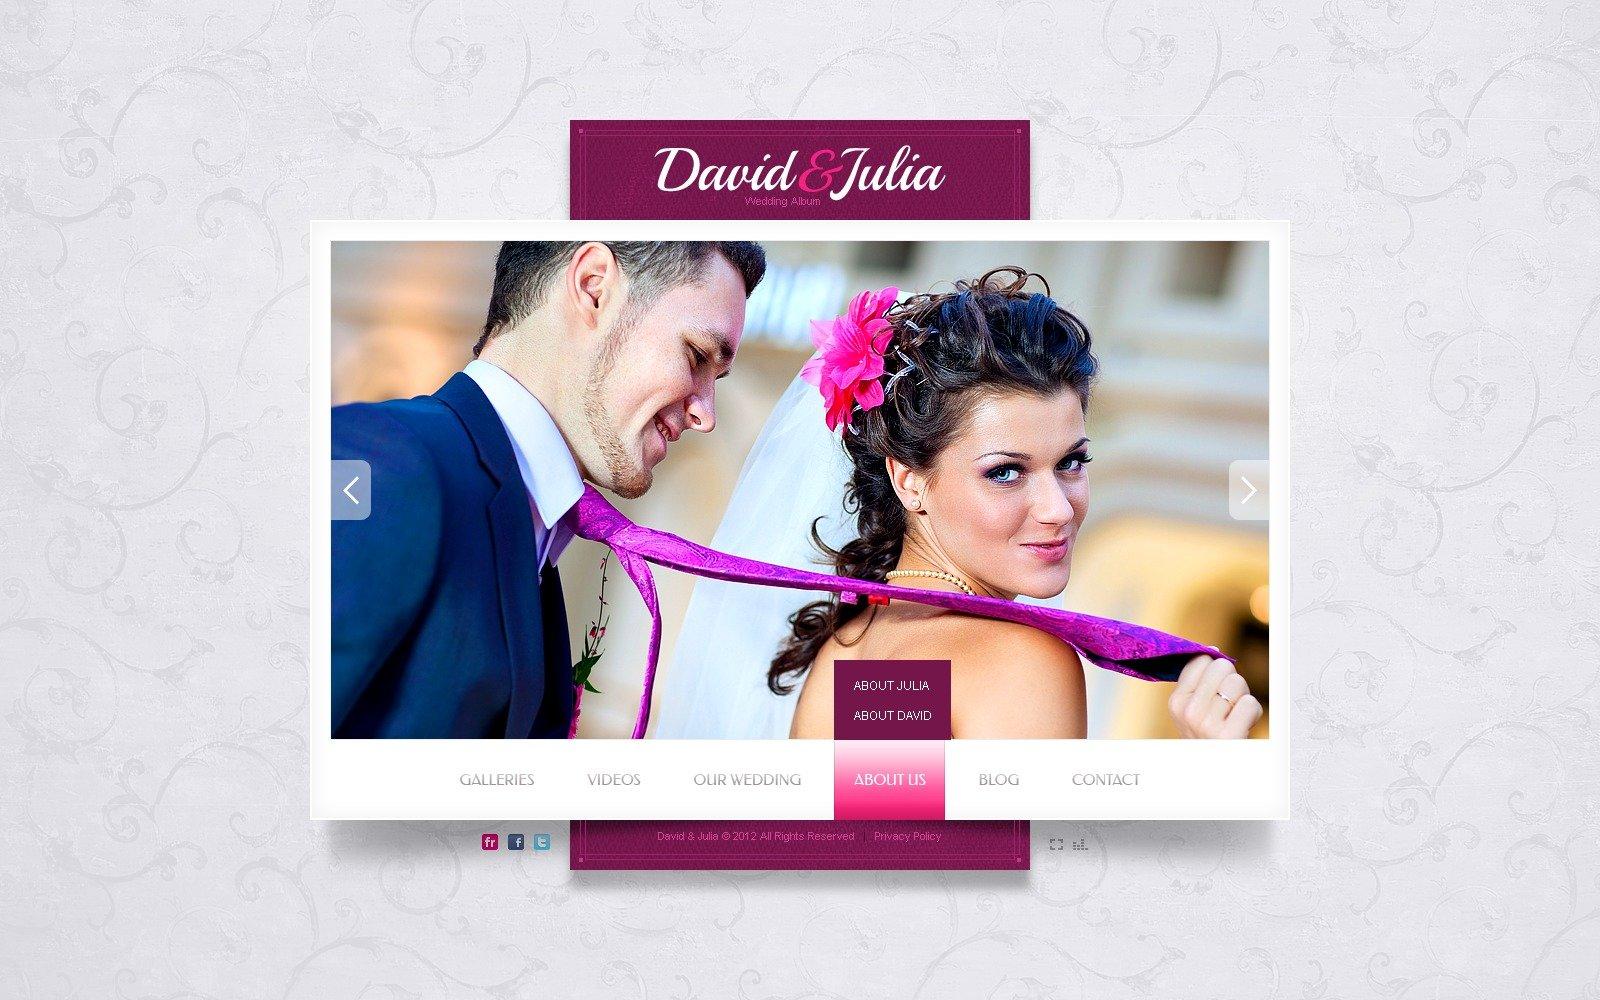 婚纱相册Flash模板 #40058 - 截图